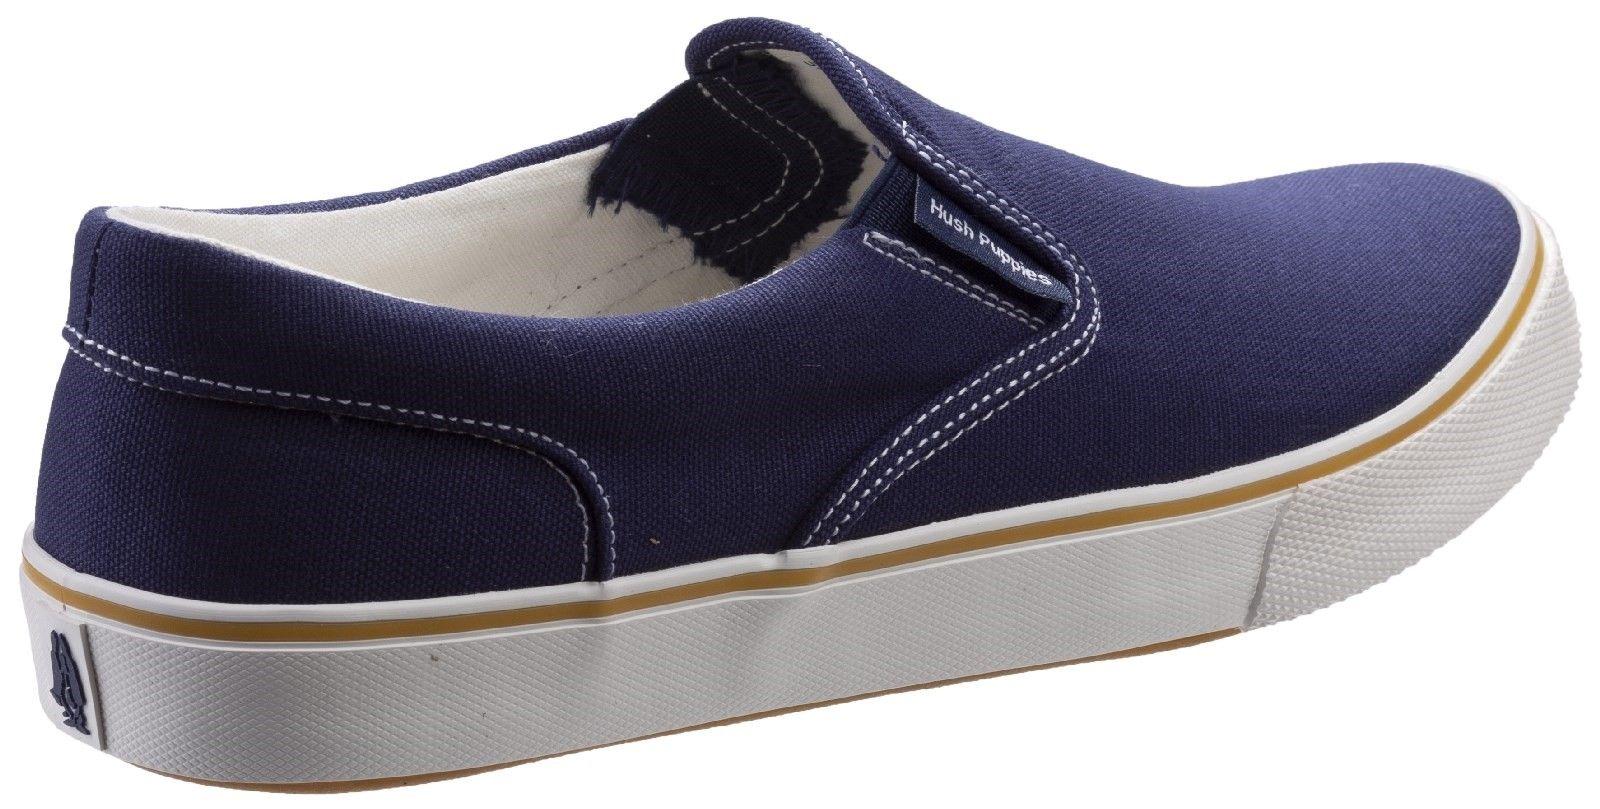 Byanca Slip On Shoe